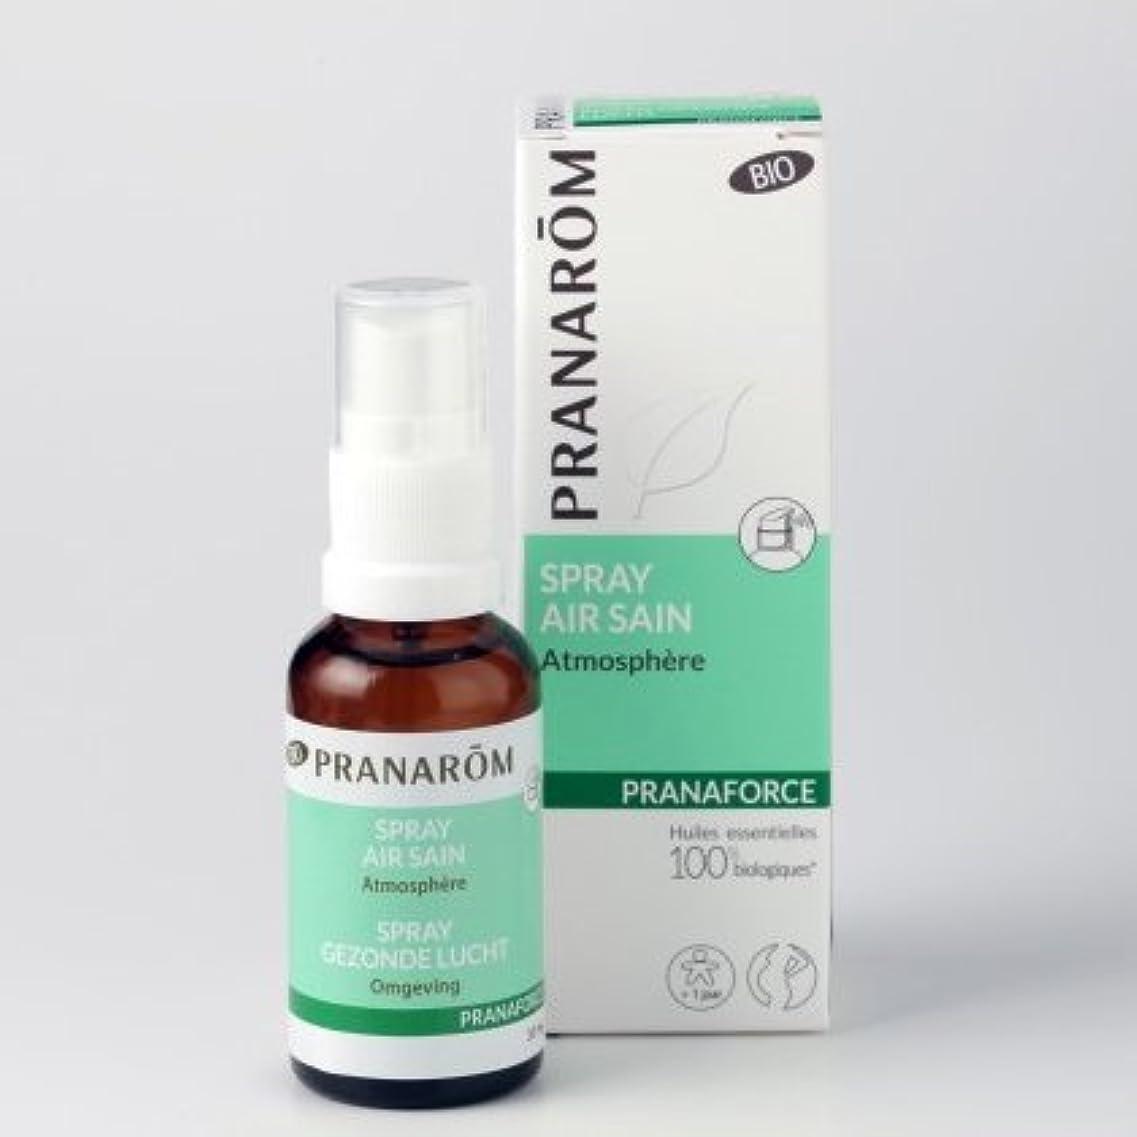 同等の蒸離すメディカルアロマのプラナロムが作った芳香剤 プラナフォーススプレー